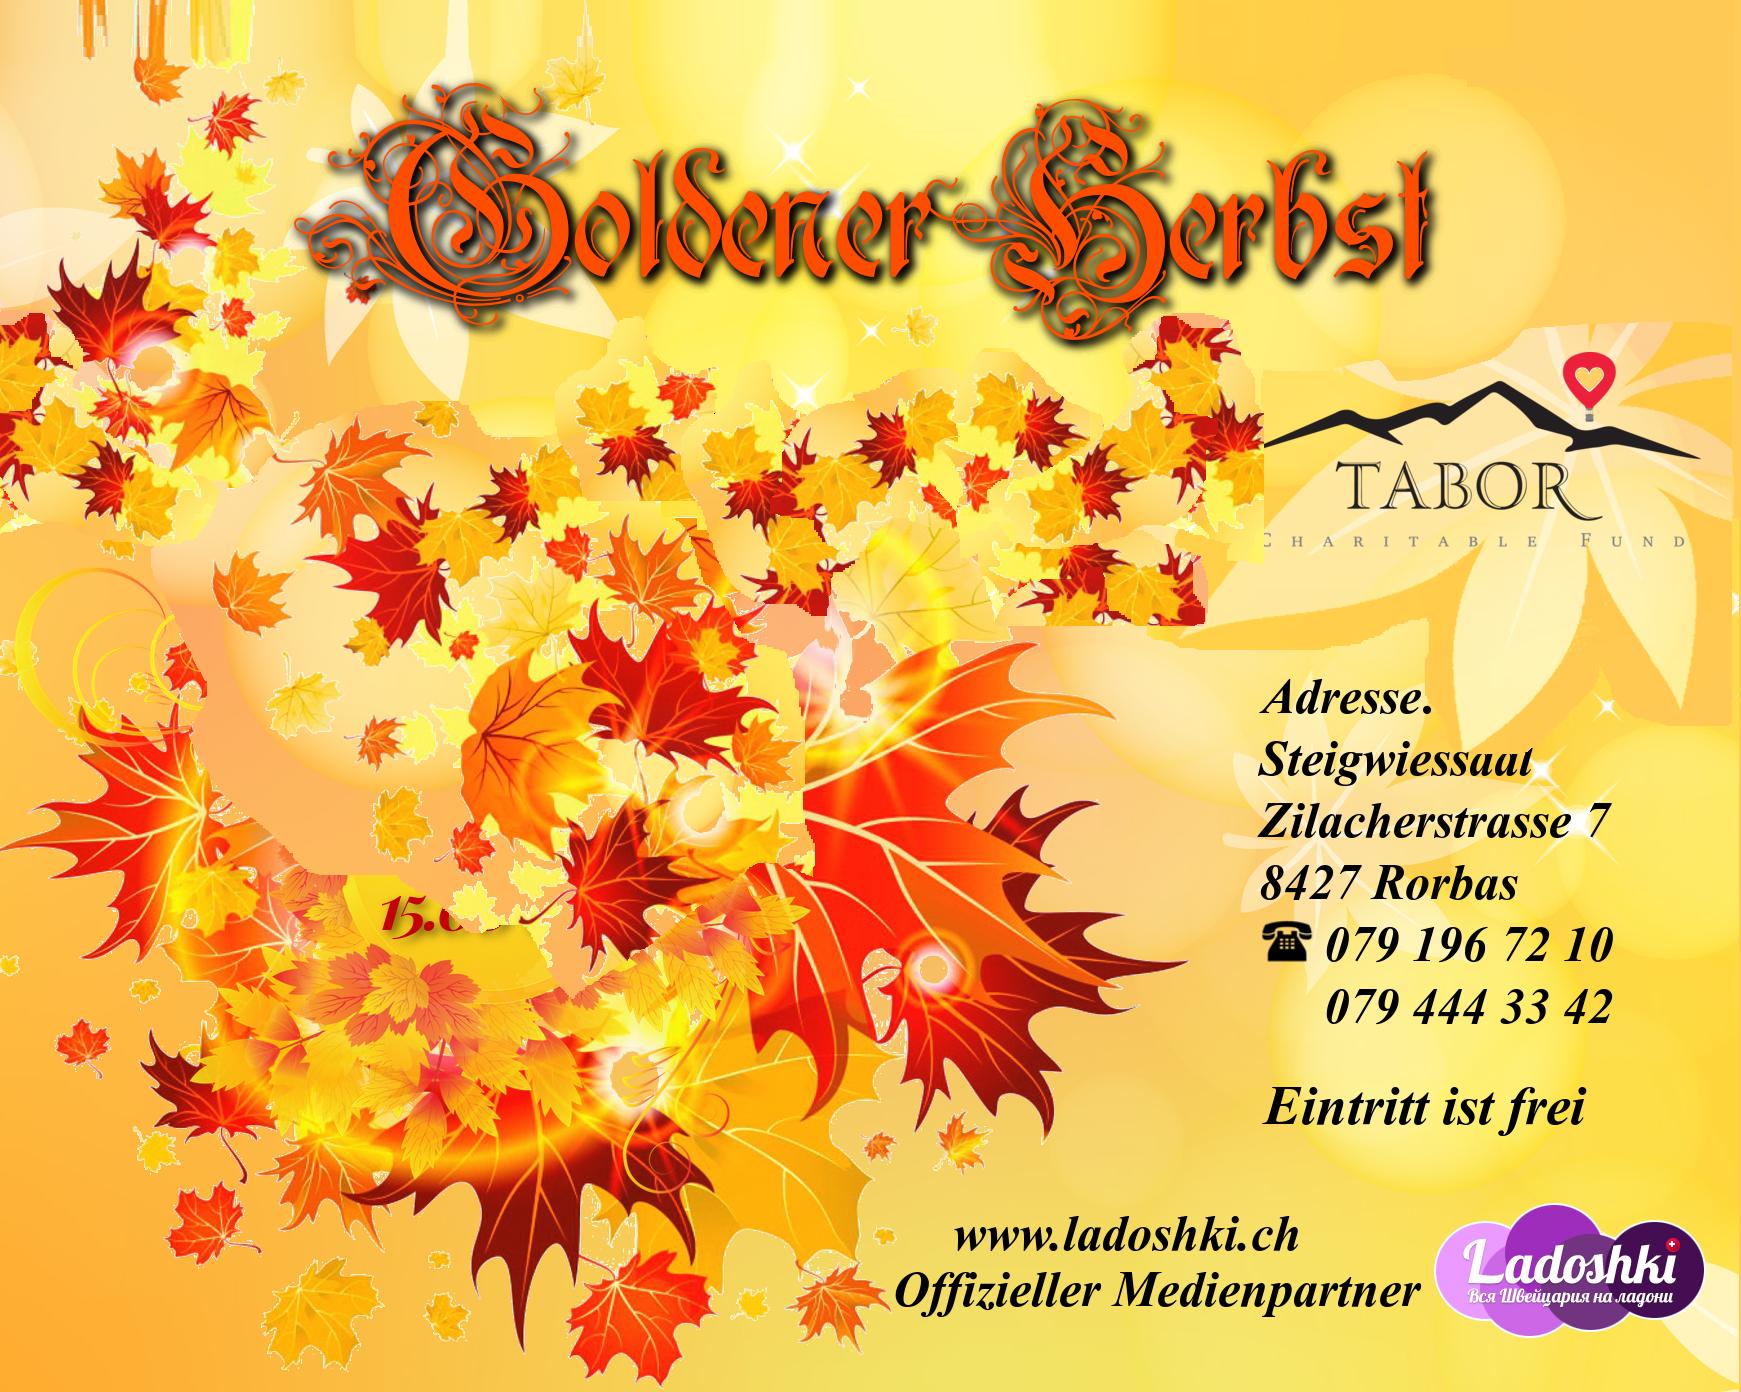 Goldener Herbst 26.11.2016 in Schweiz